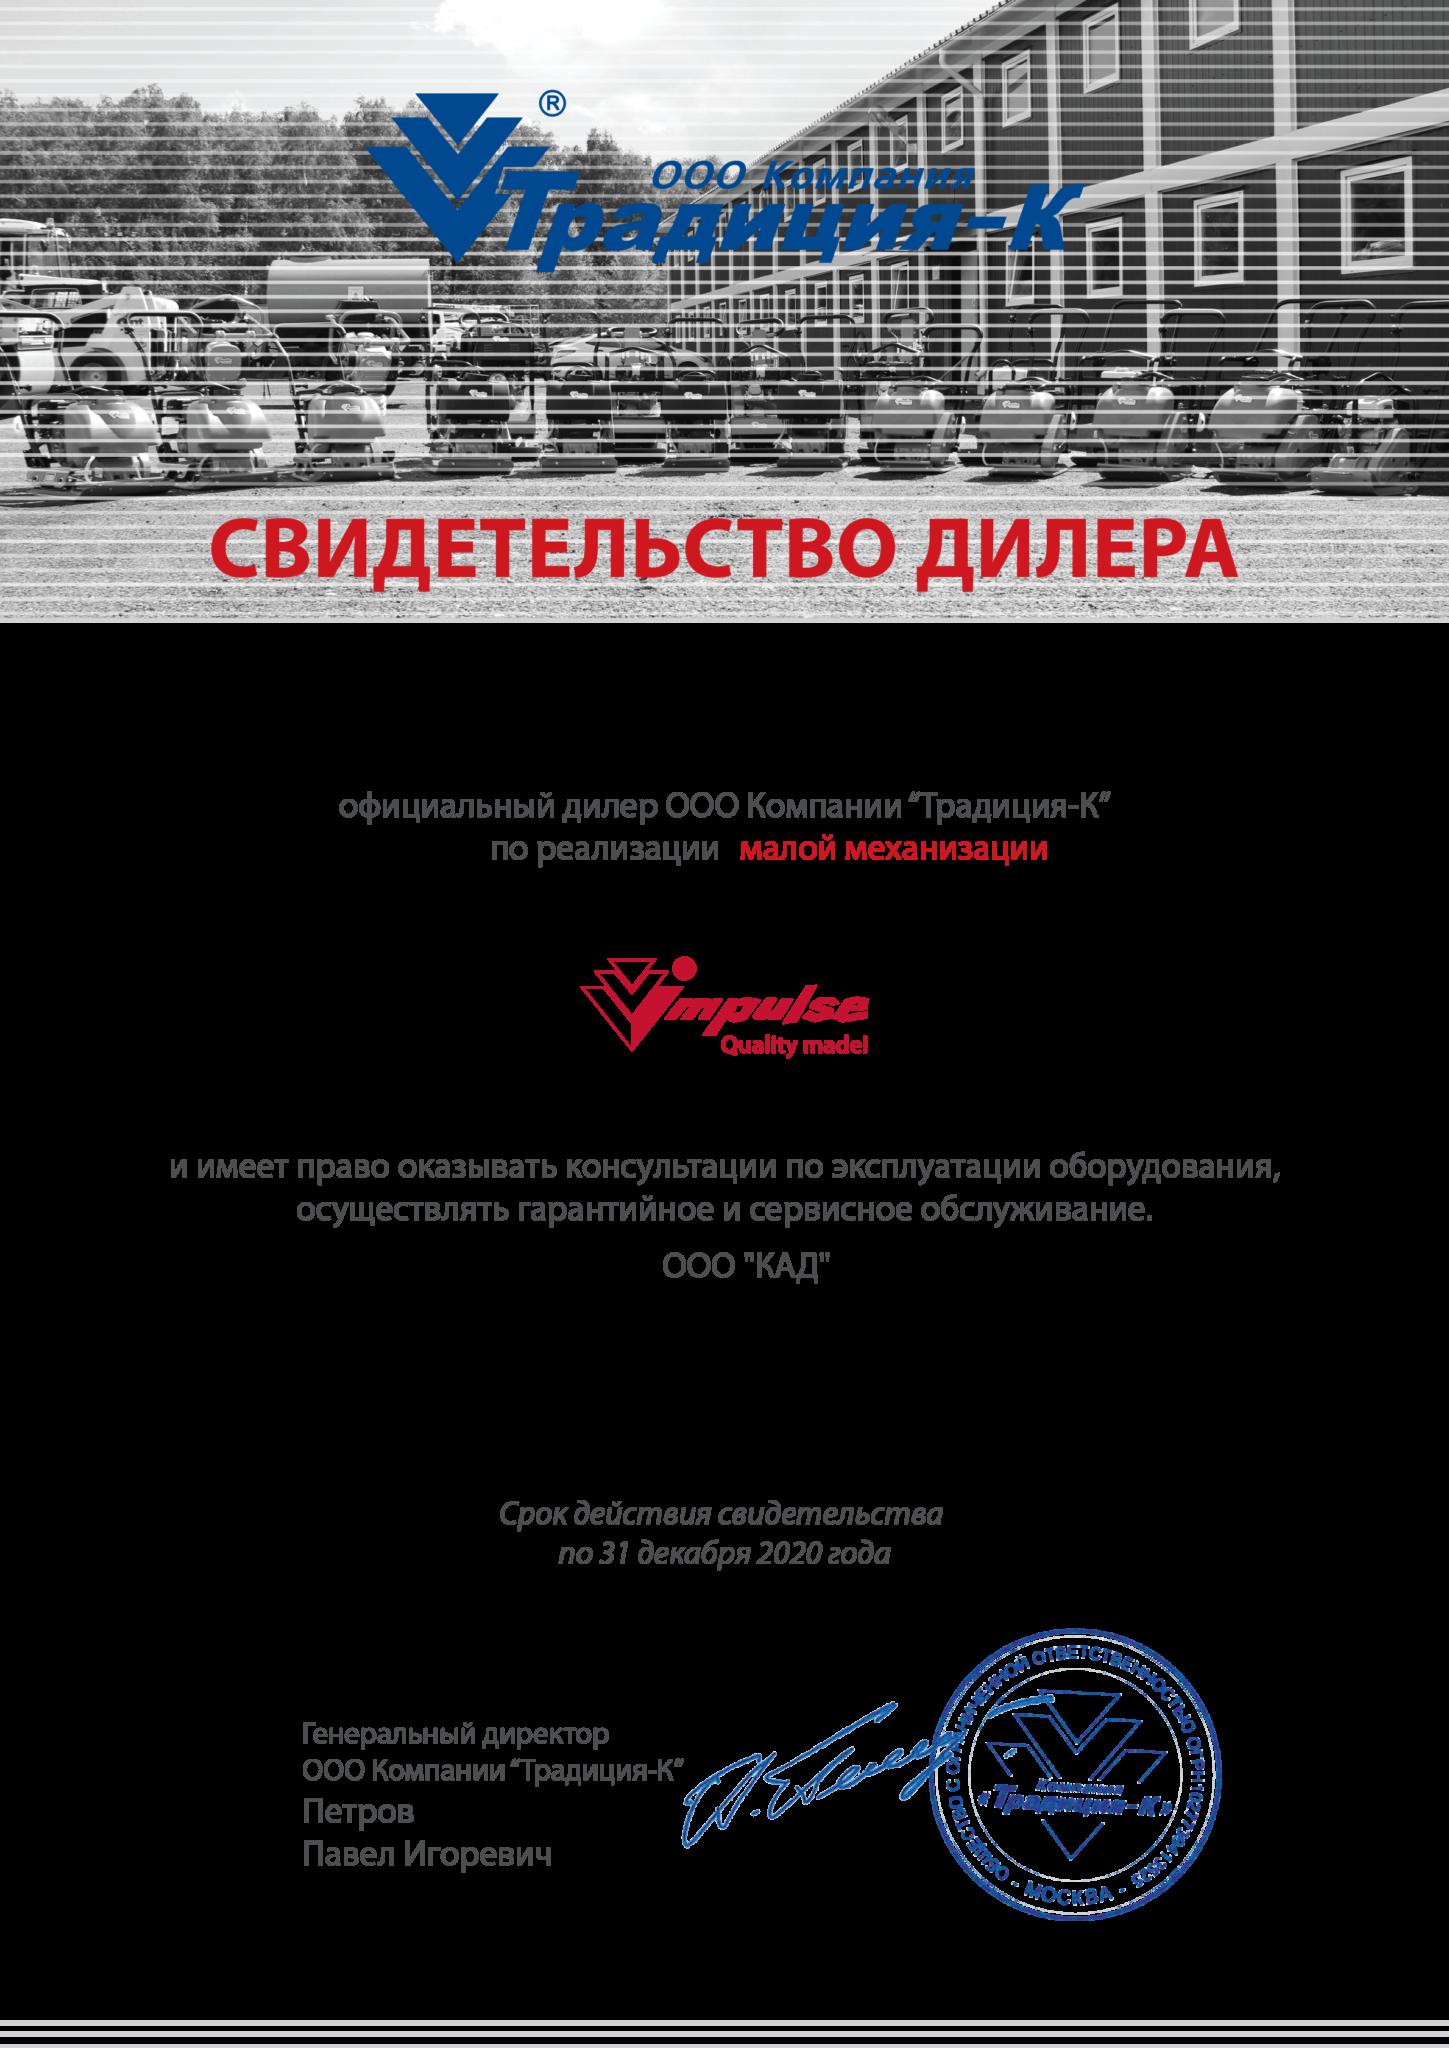 ТРАДИЦИЯ-К 2020